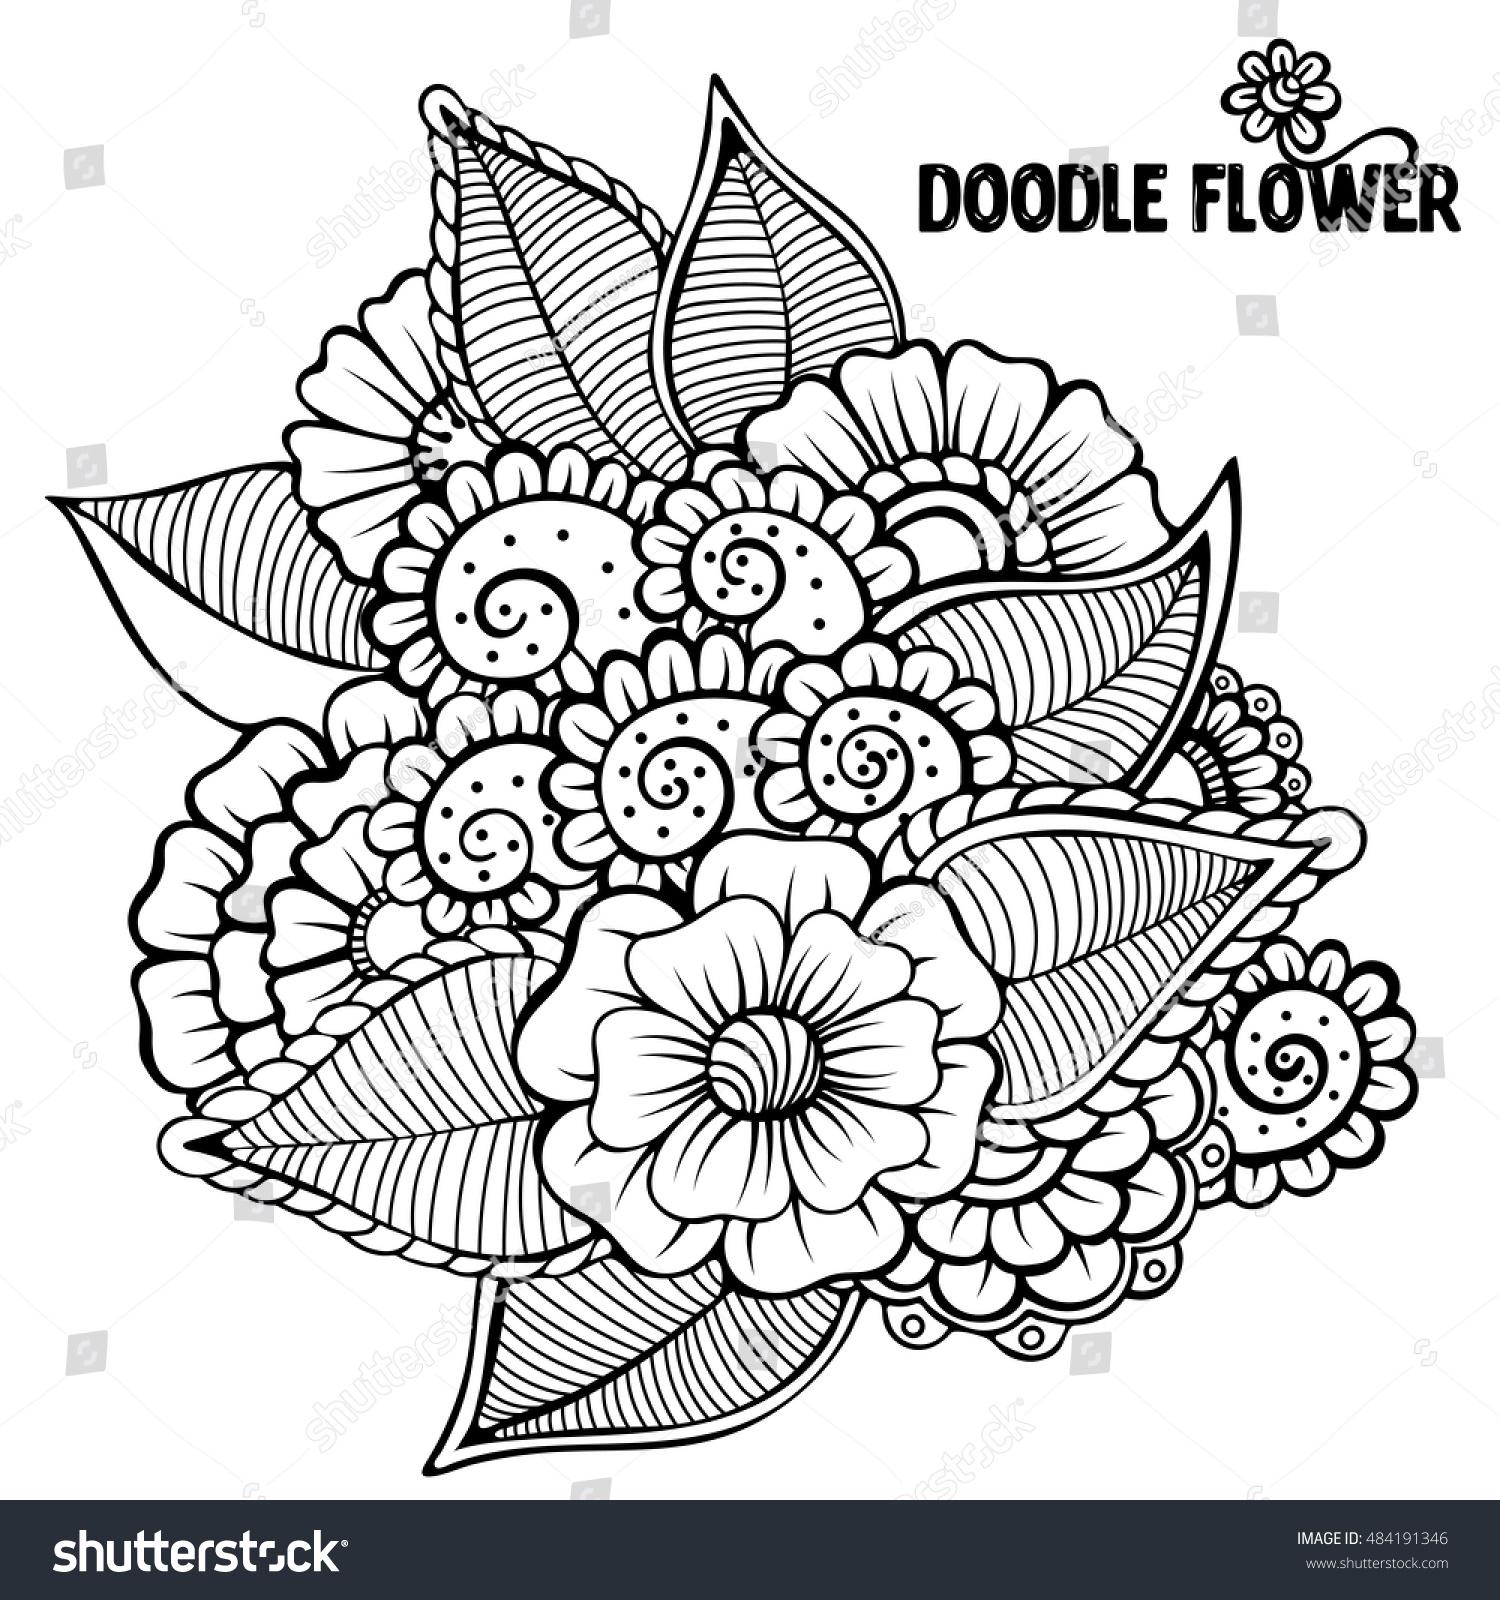 Flowers Vector Flowers Doodle Flowers Zentangle Stock Vector HD ...